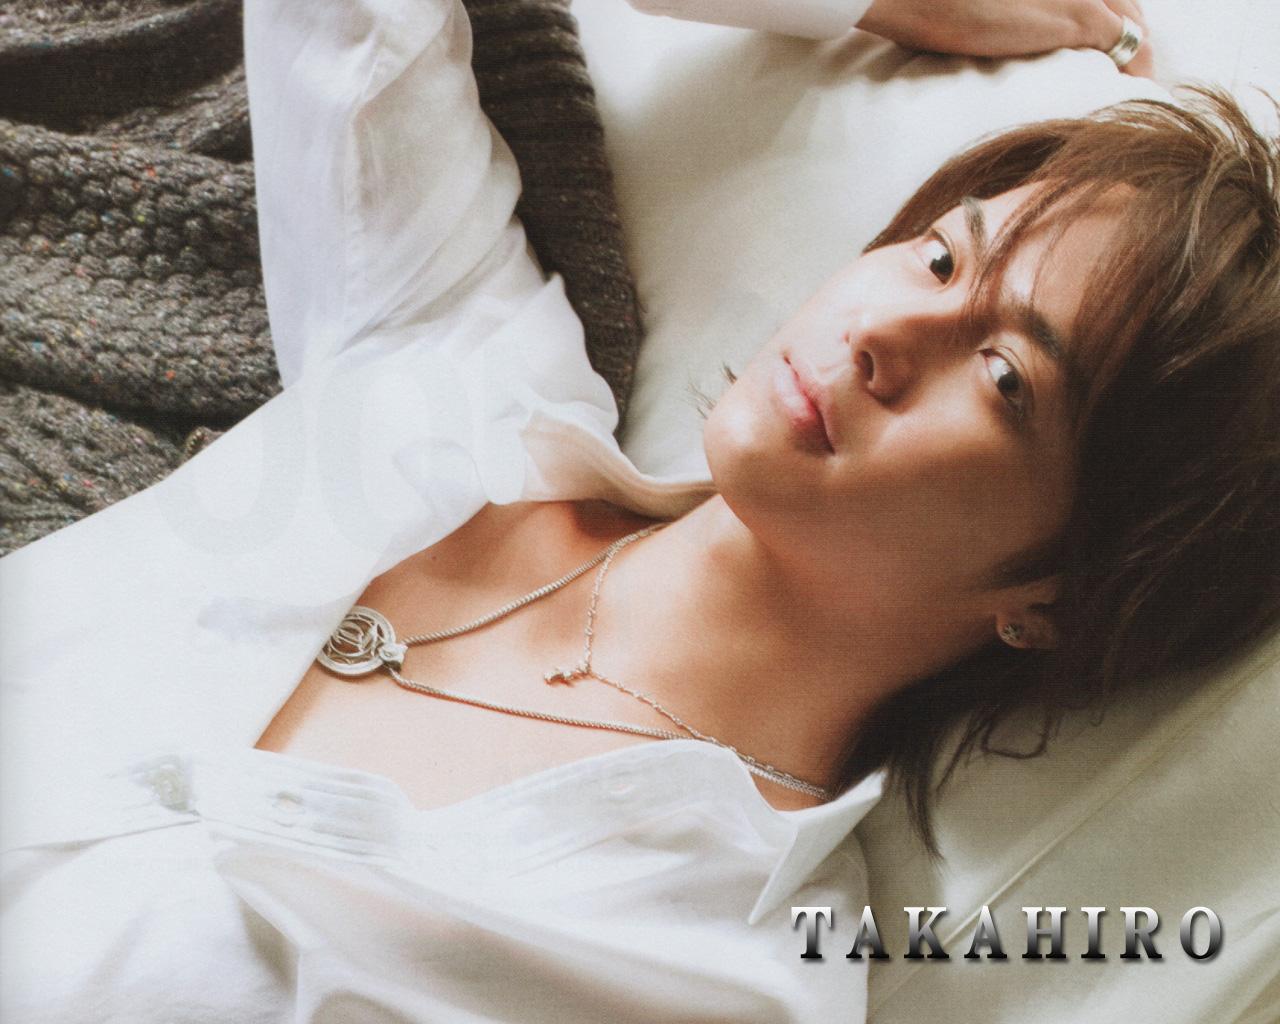 壁紙 カレンダー お るどれでぃ日記 So Netブログ Exile Takahiro 画像 動画 Naver まとめ